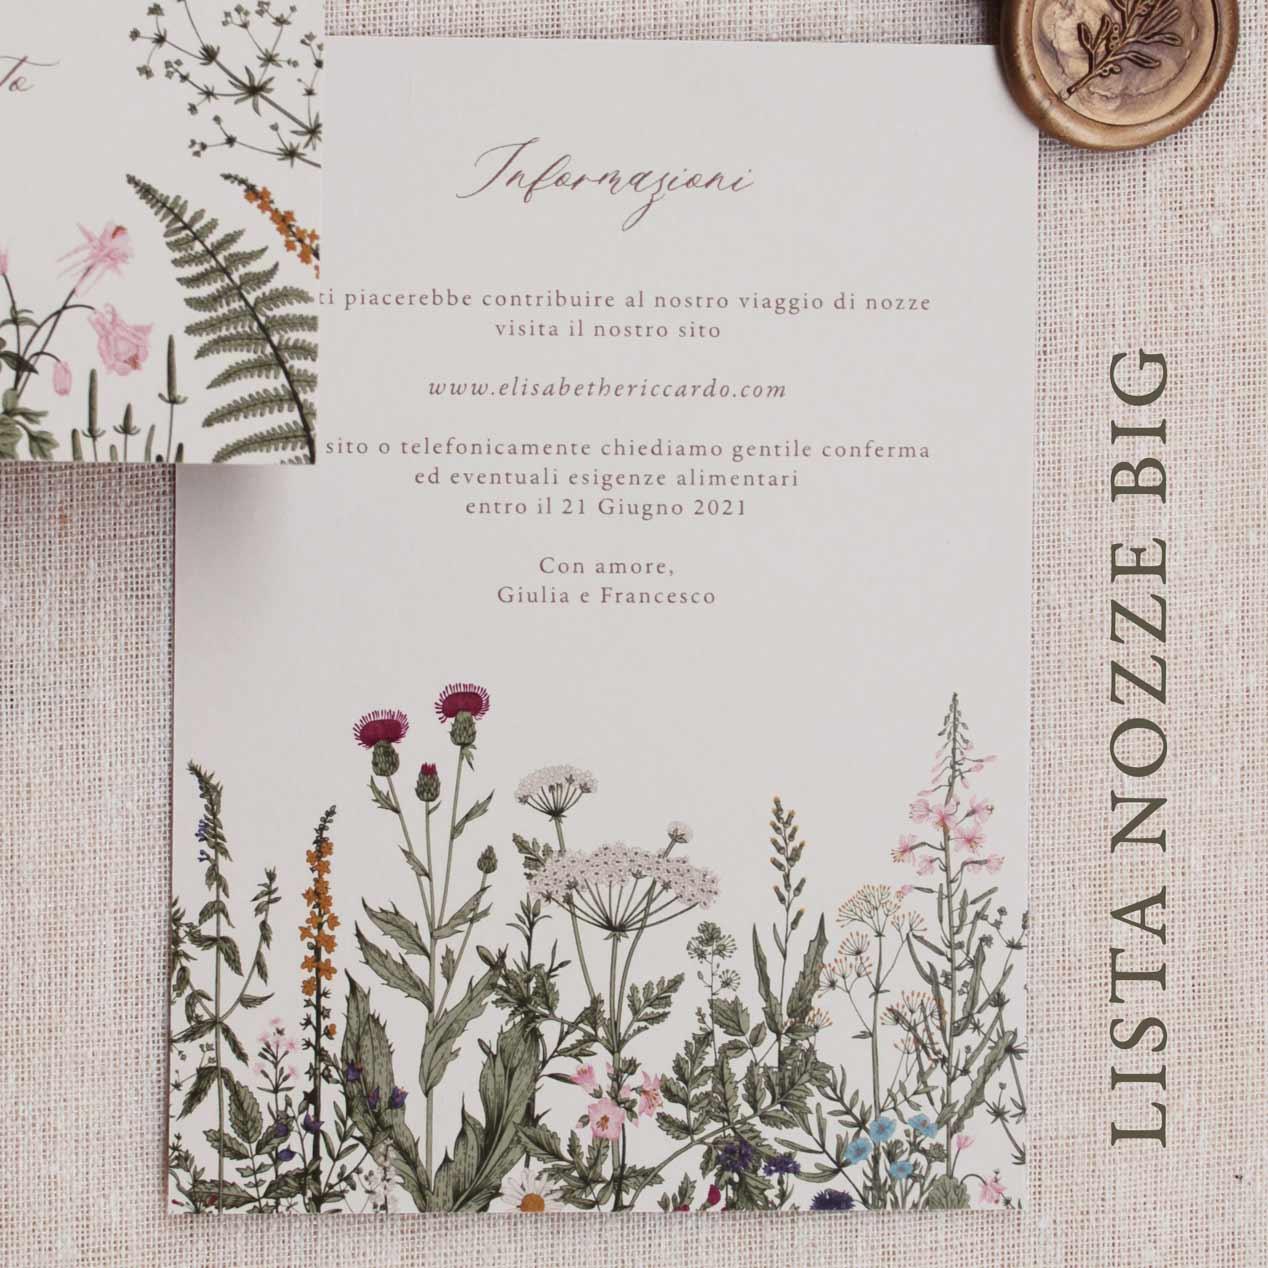 Partecipazioni-invito-nozze-matrimonio-fiori-verde-ulivo-margherite-flower-botanico-wedding-lista-nozze-iban-cartoncino